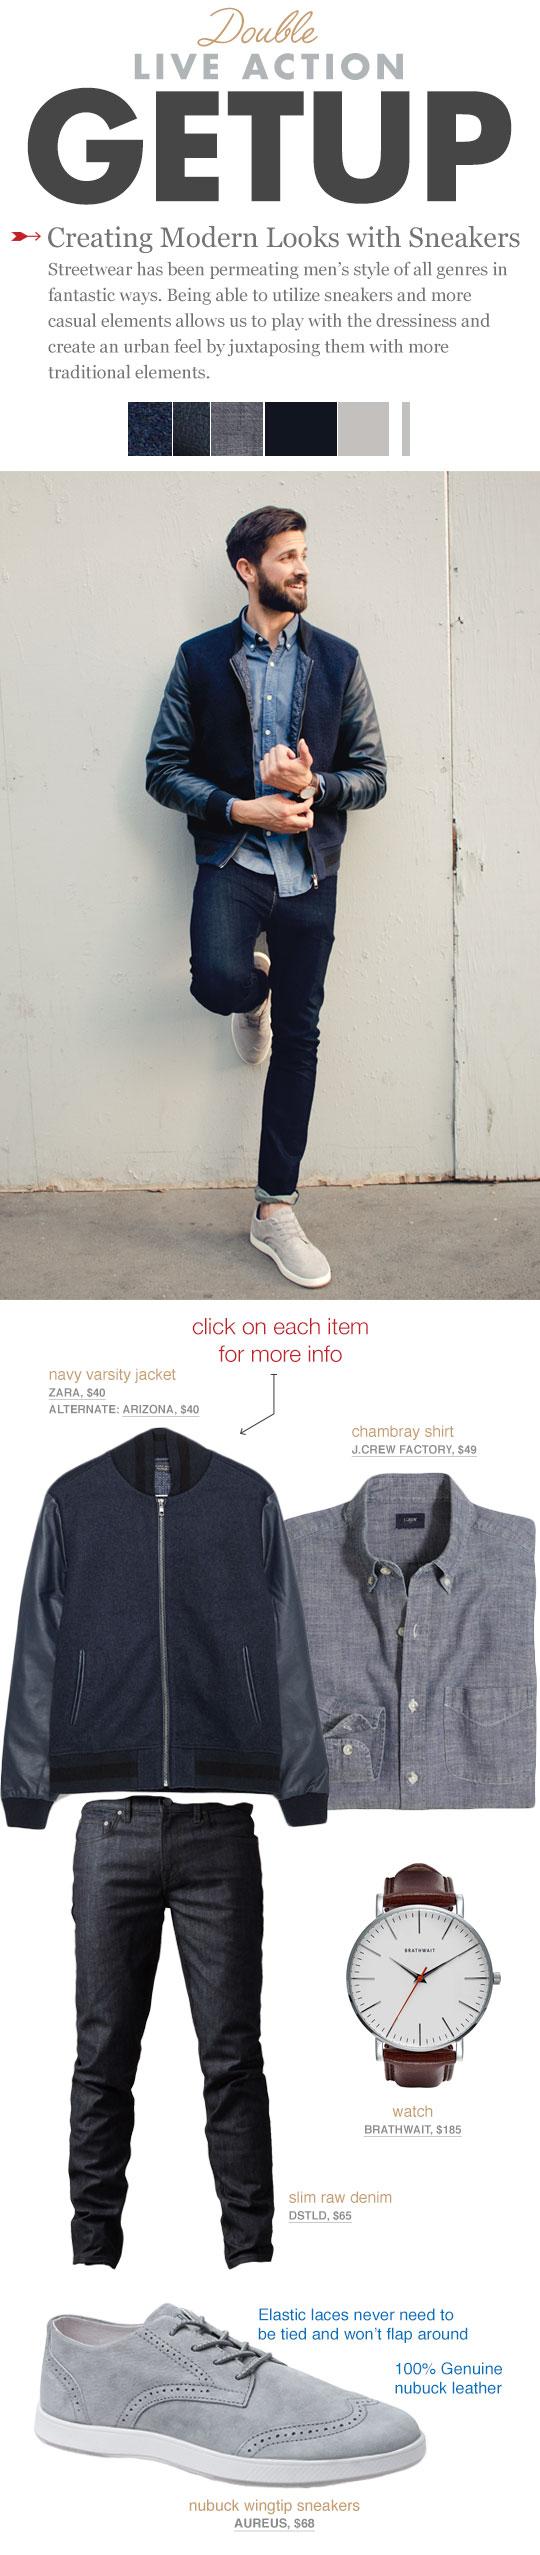 Men's Style - Aureus Sneakers